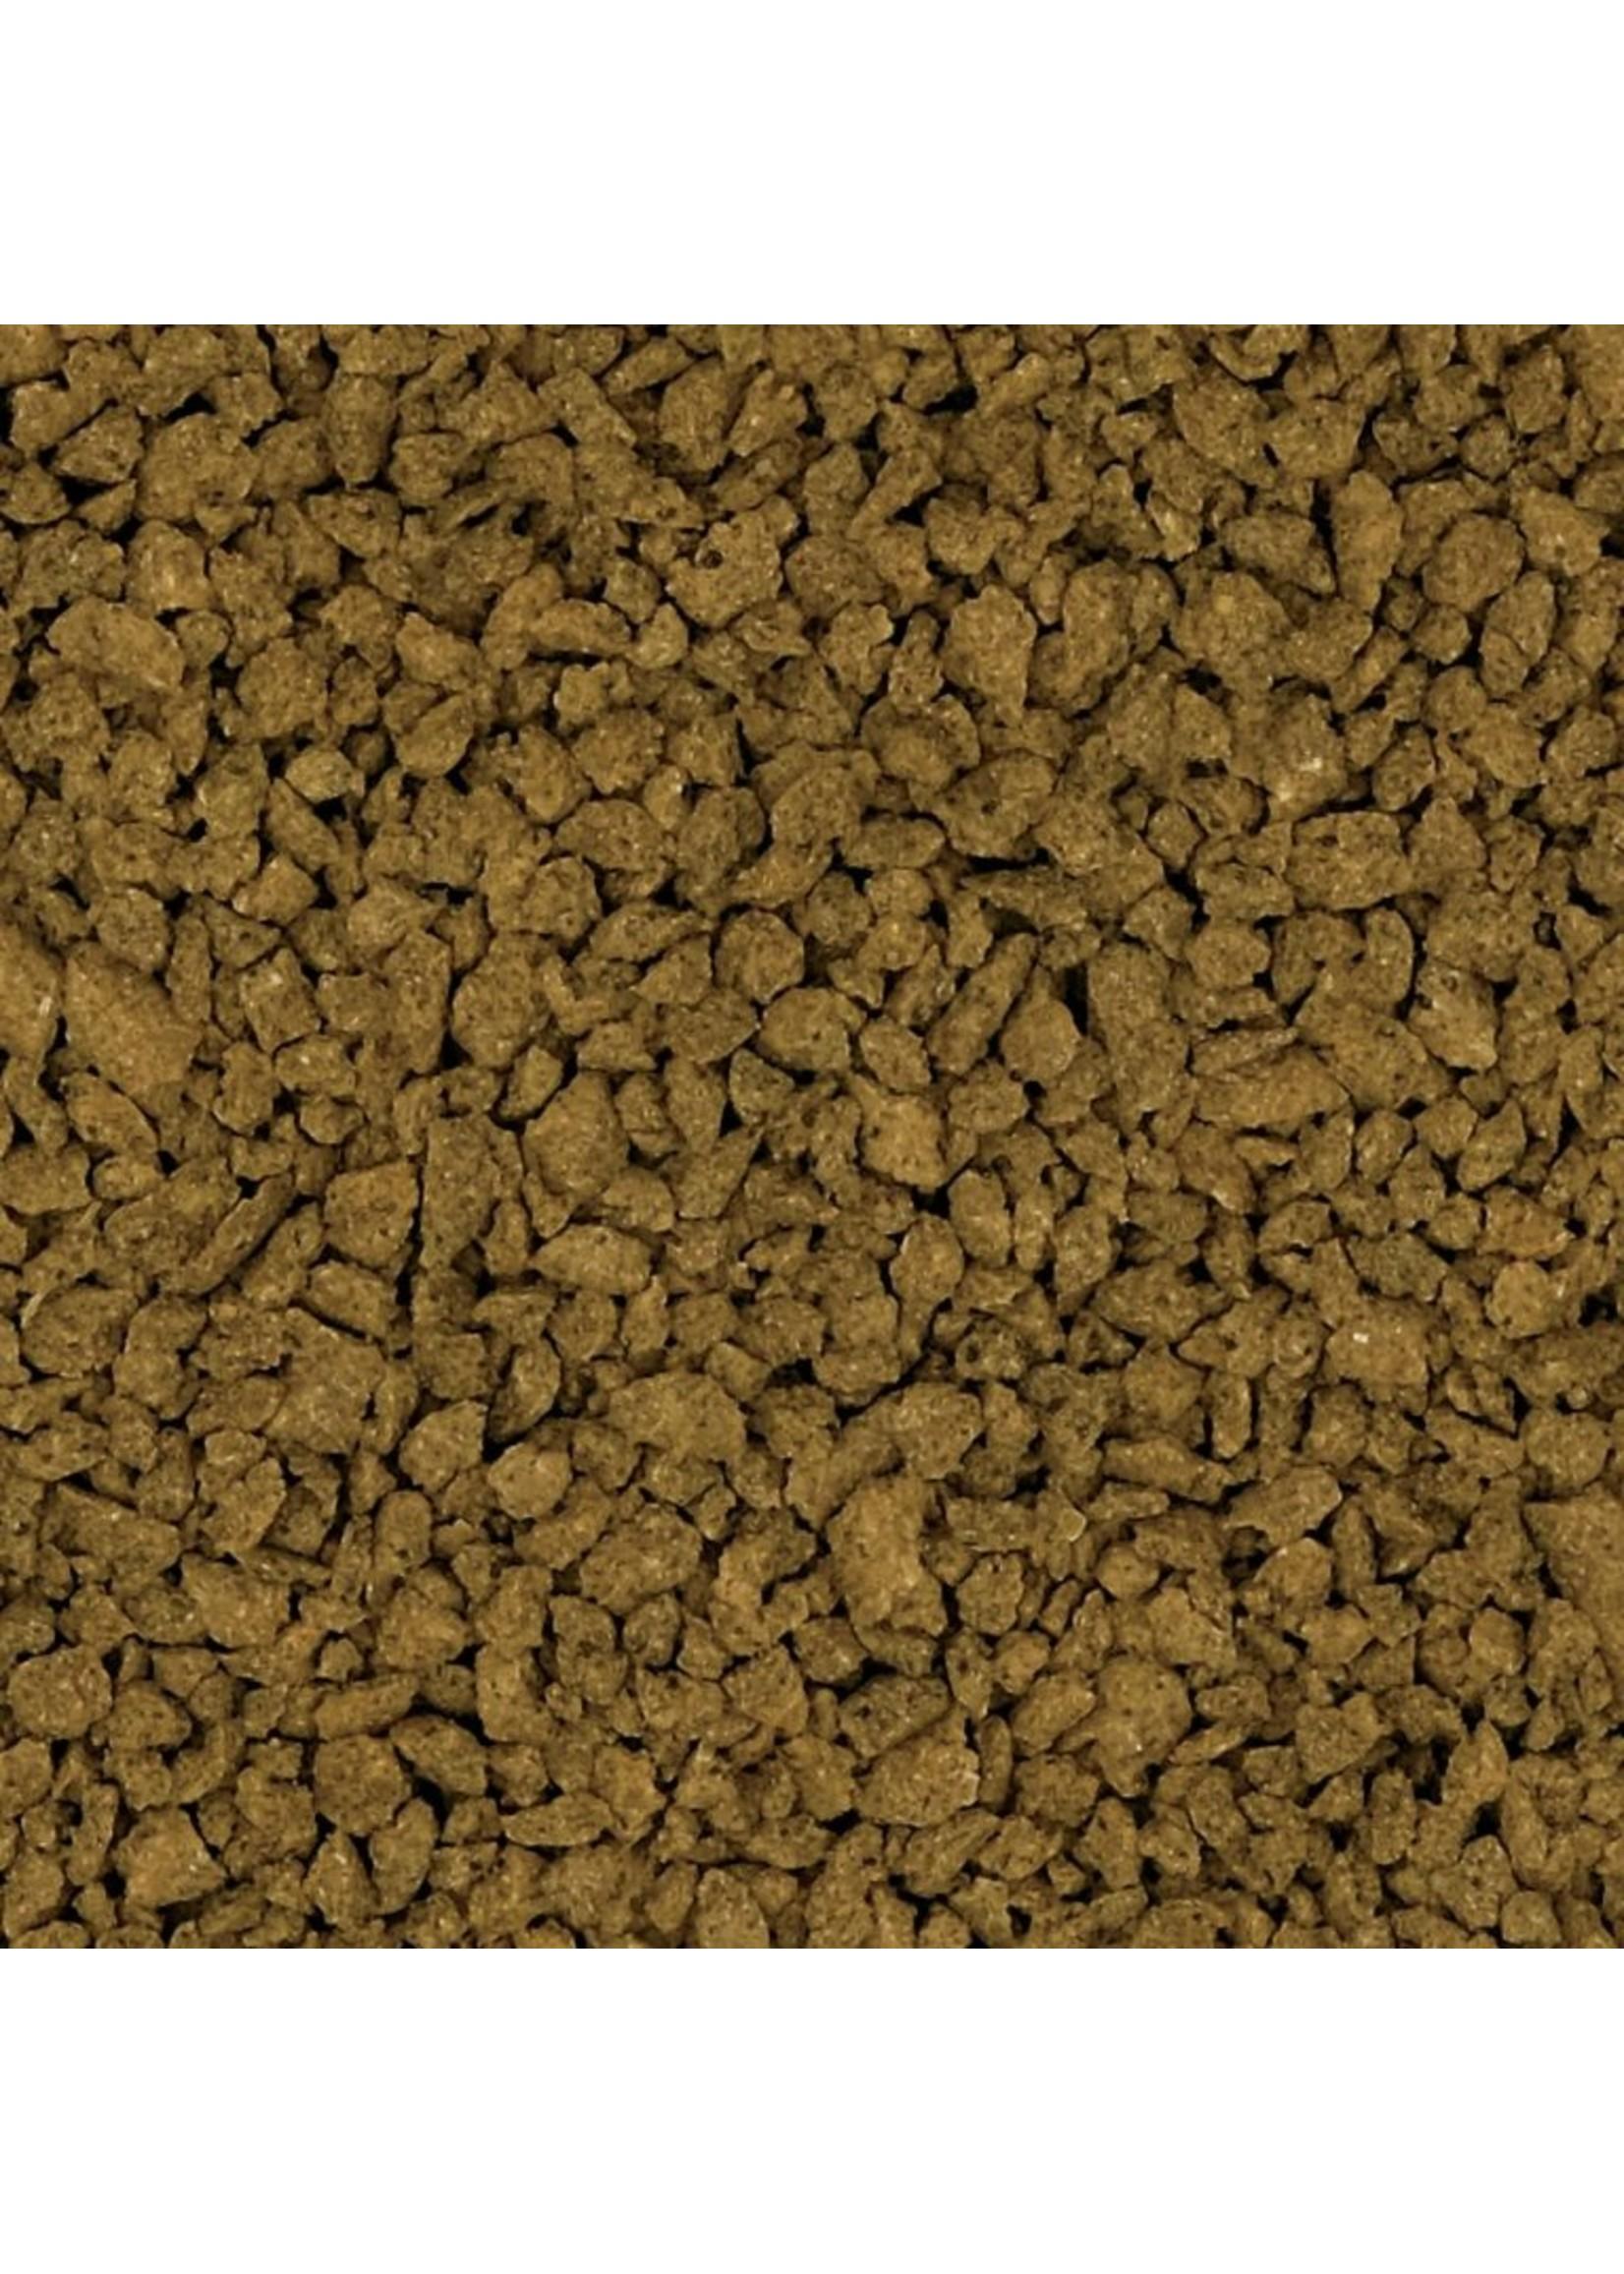 Fluval Fluval Bug Bites Tropical Granules